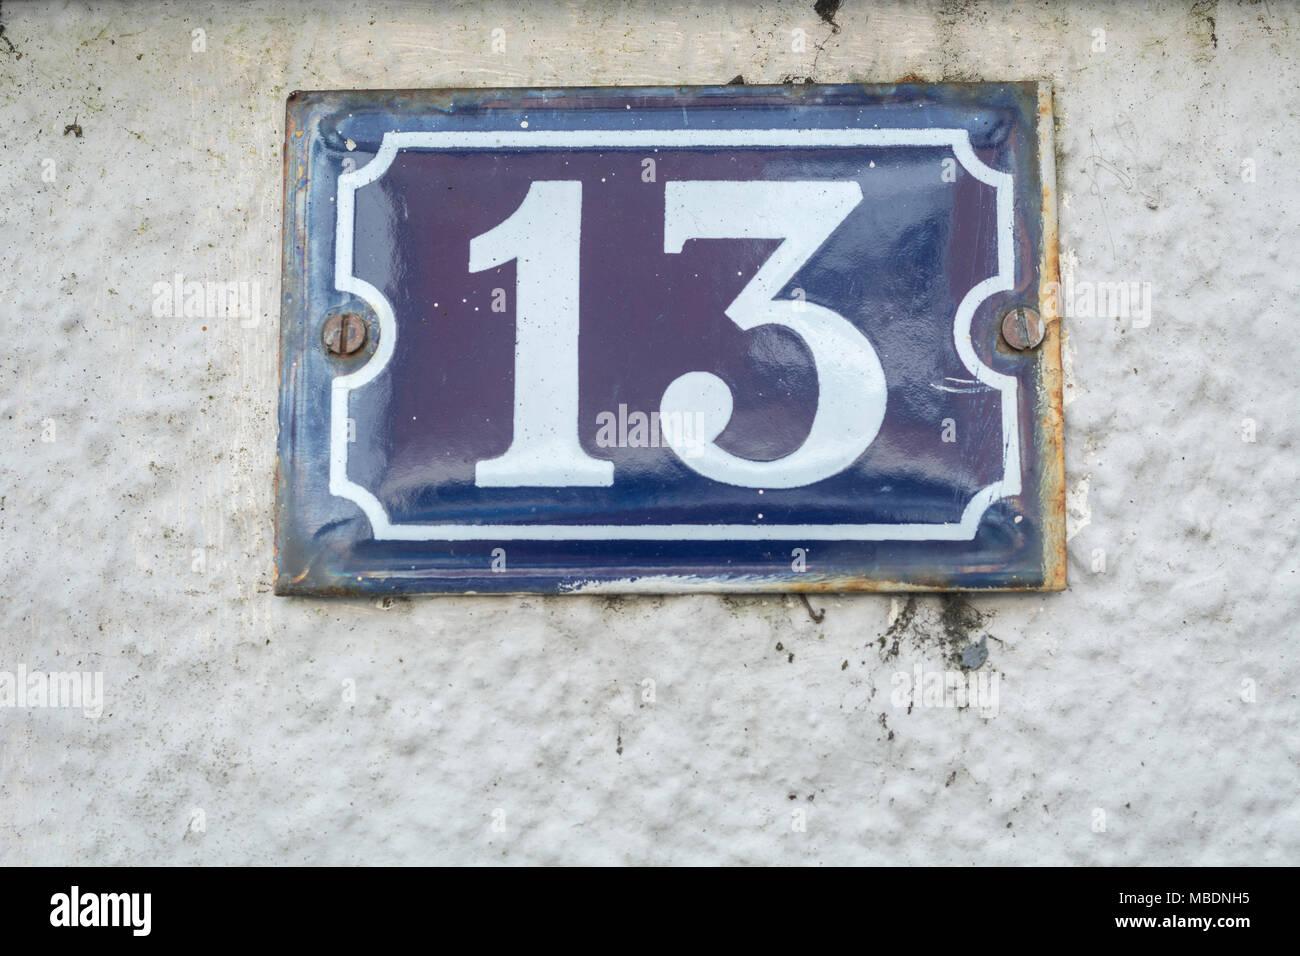 El número de casa de esmalte - Nº 13 (mala suerte para algunos). Número impar. Imagen De Stock